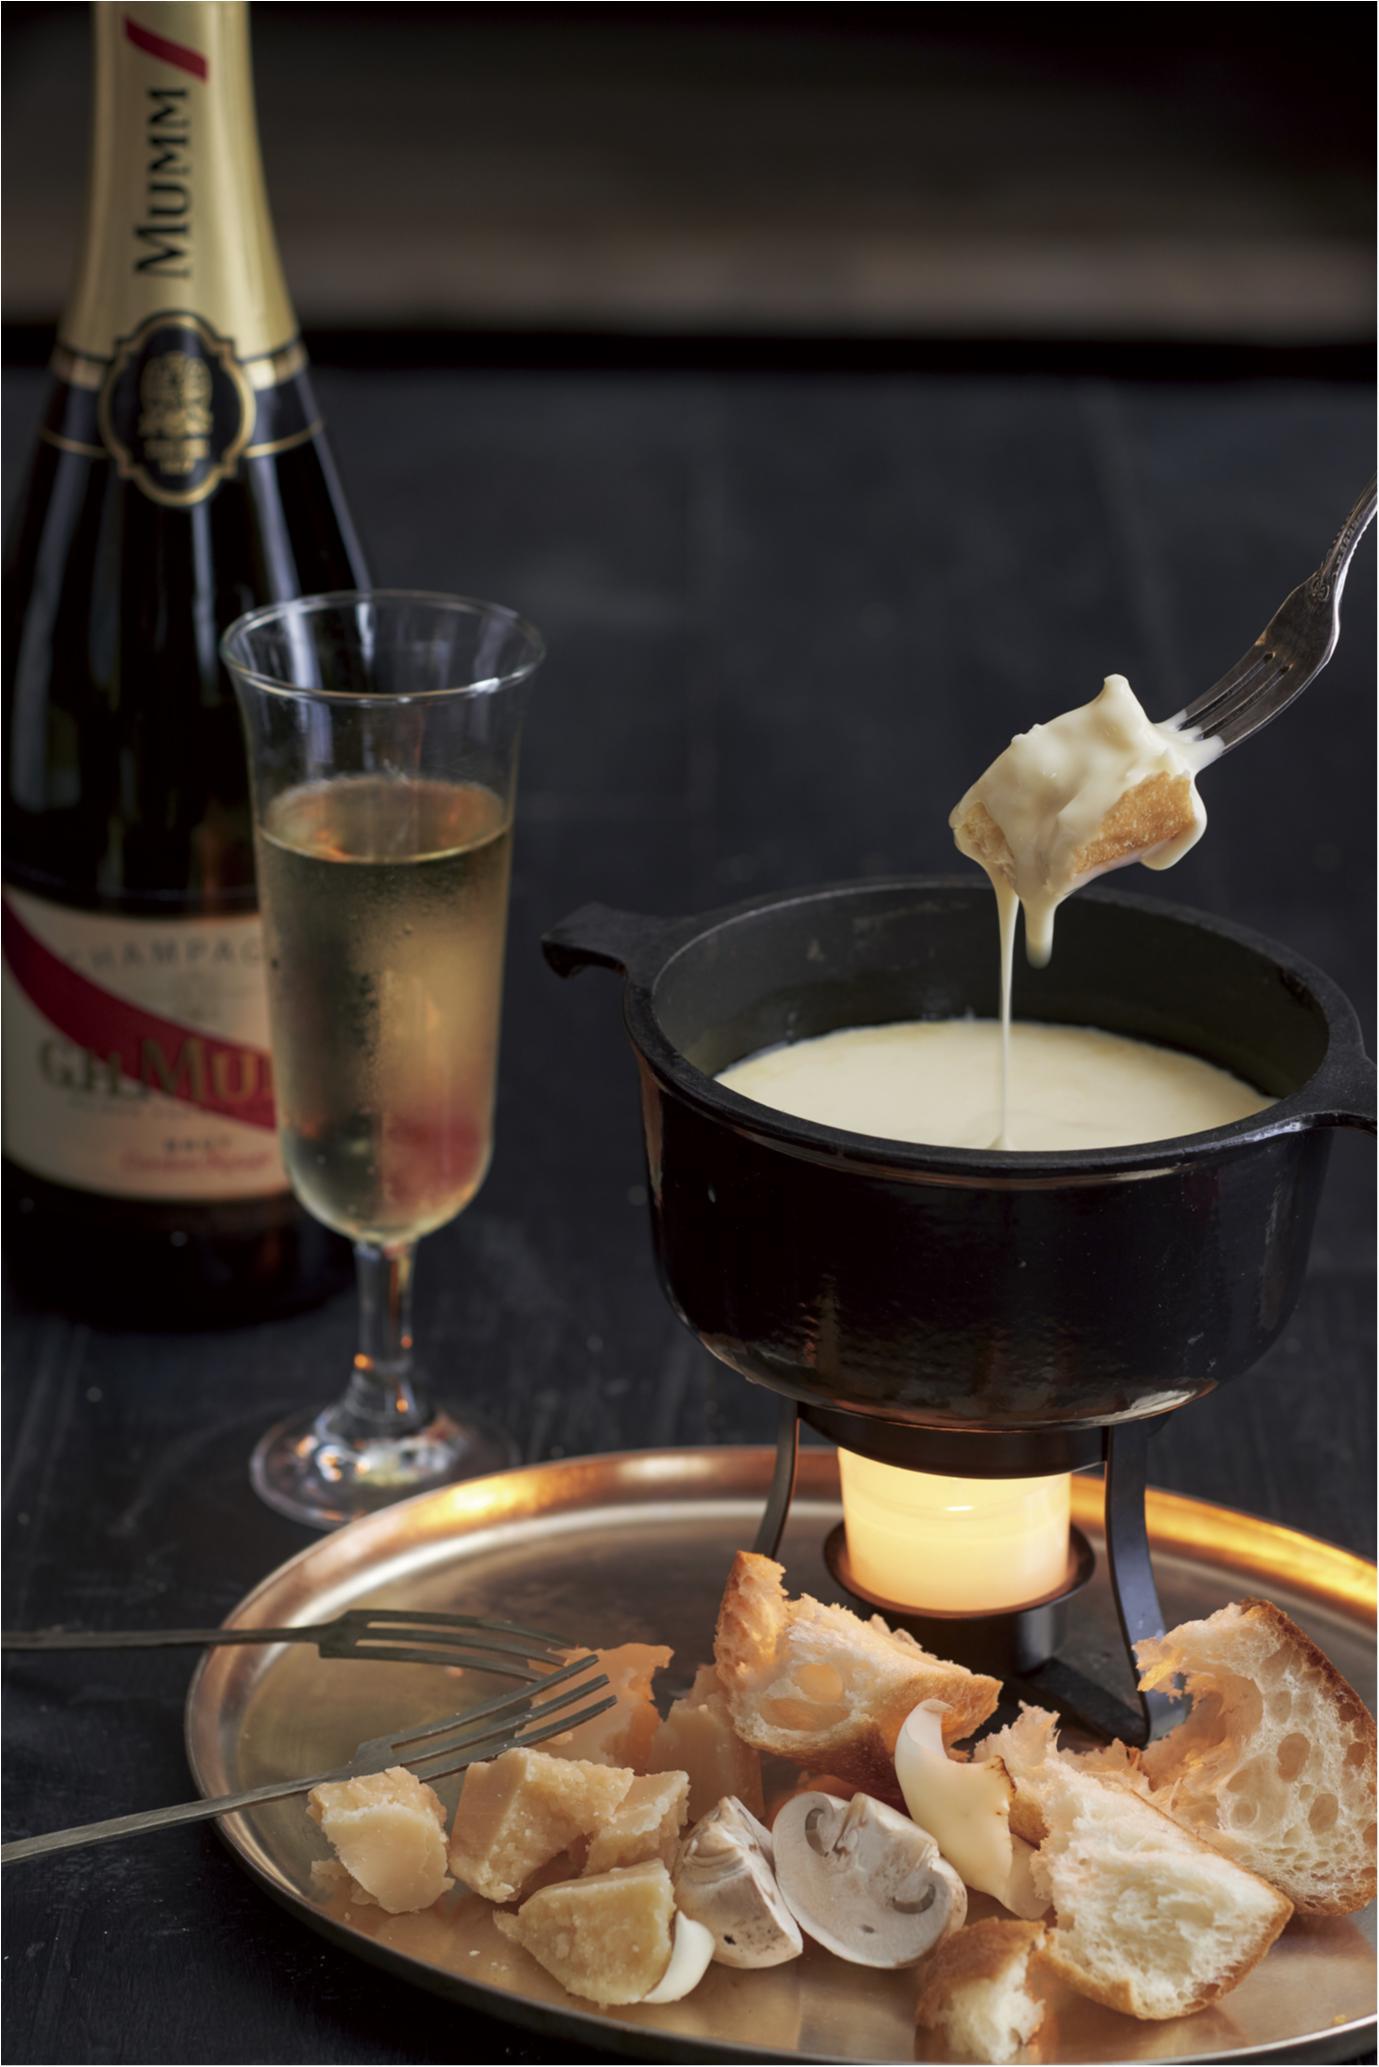 今週末は『キハチ』のテラスでチーズ&オイルフォンデュ♡ シャンパンも飲み放題!_1